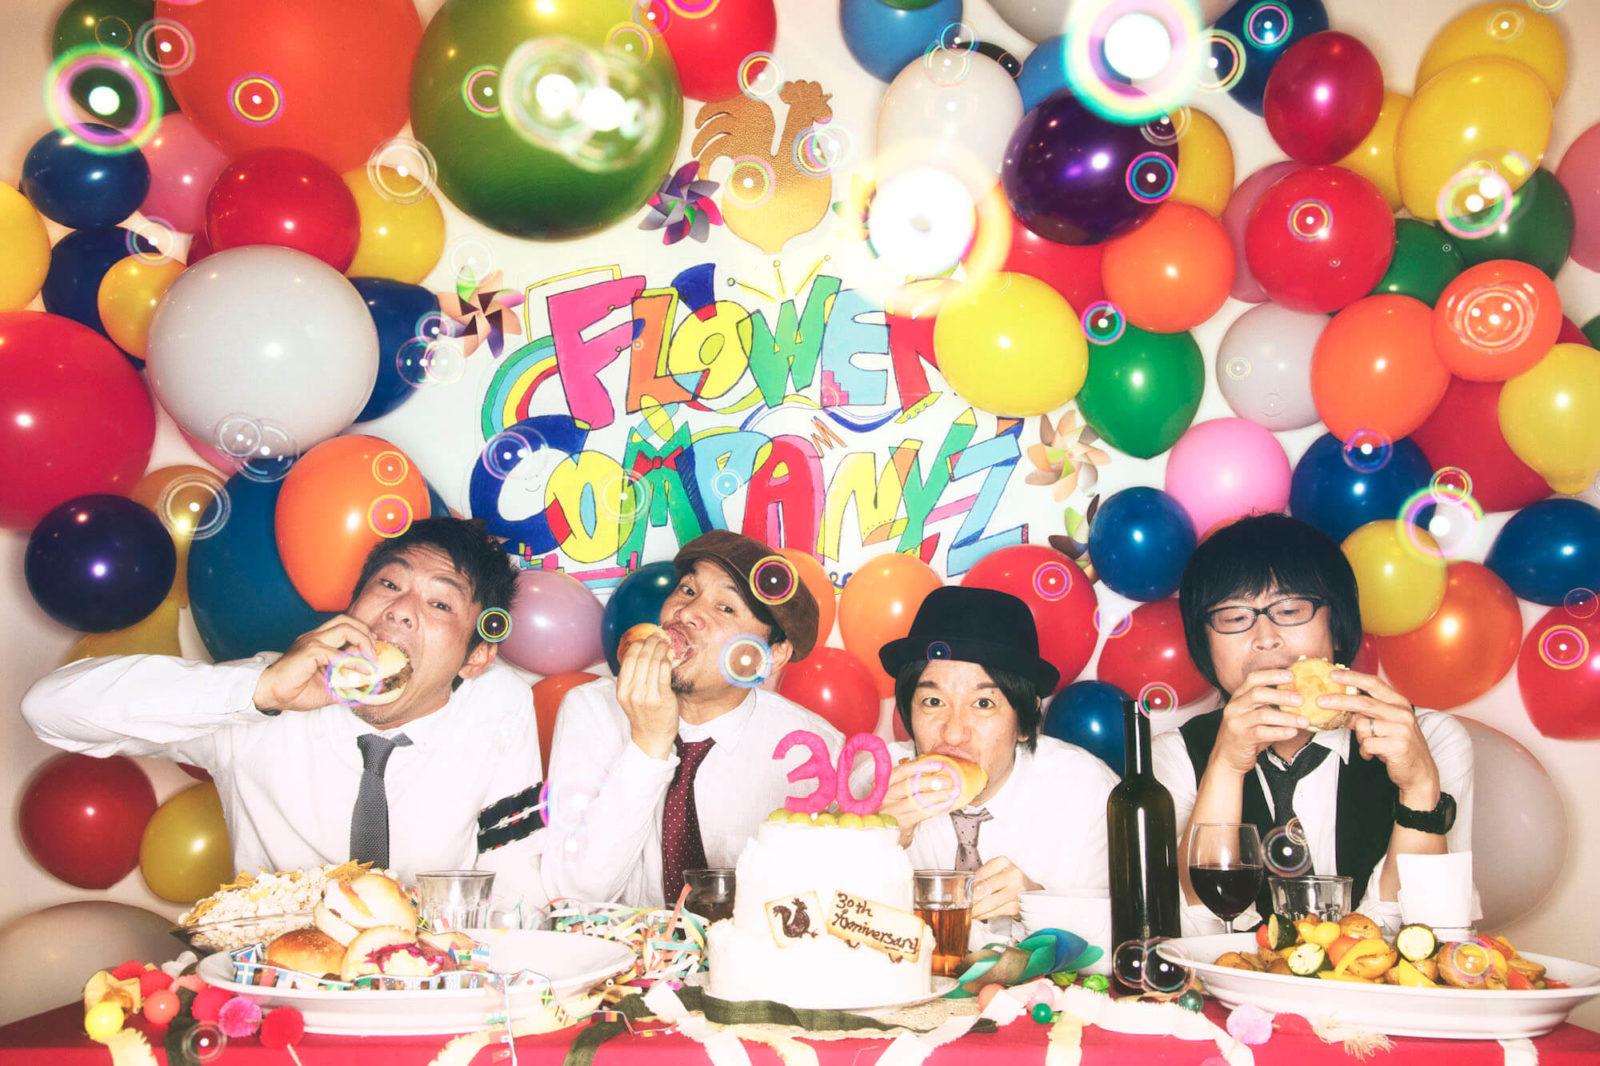 フラワーカンパニーズ、結成30周年記念ニューシングル「いましか」ライブ会場にて販売決定サムネイル画像